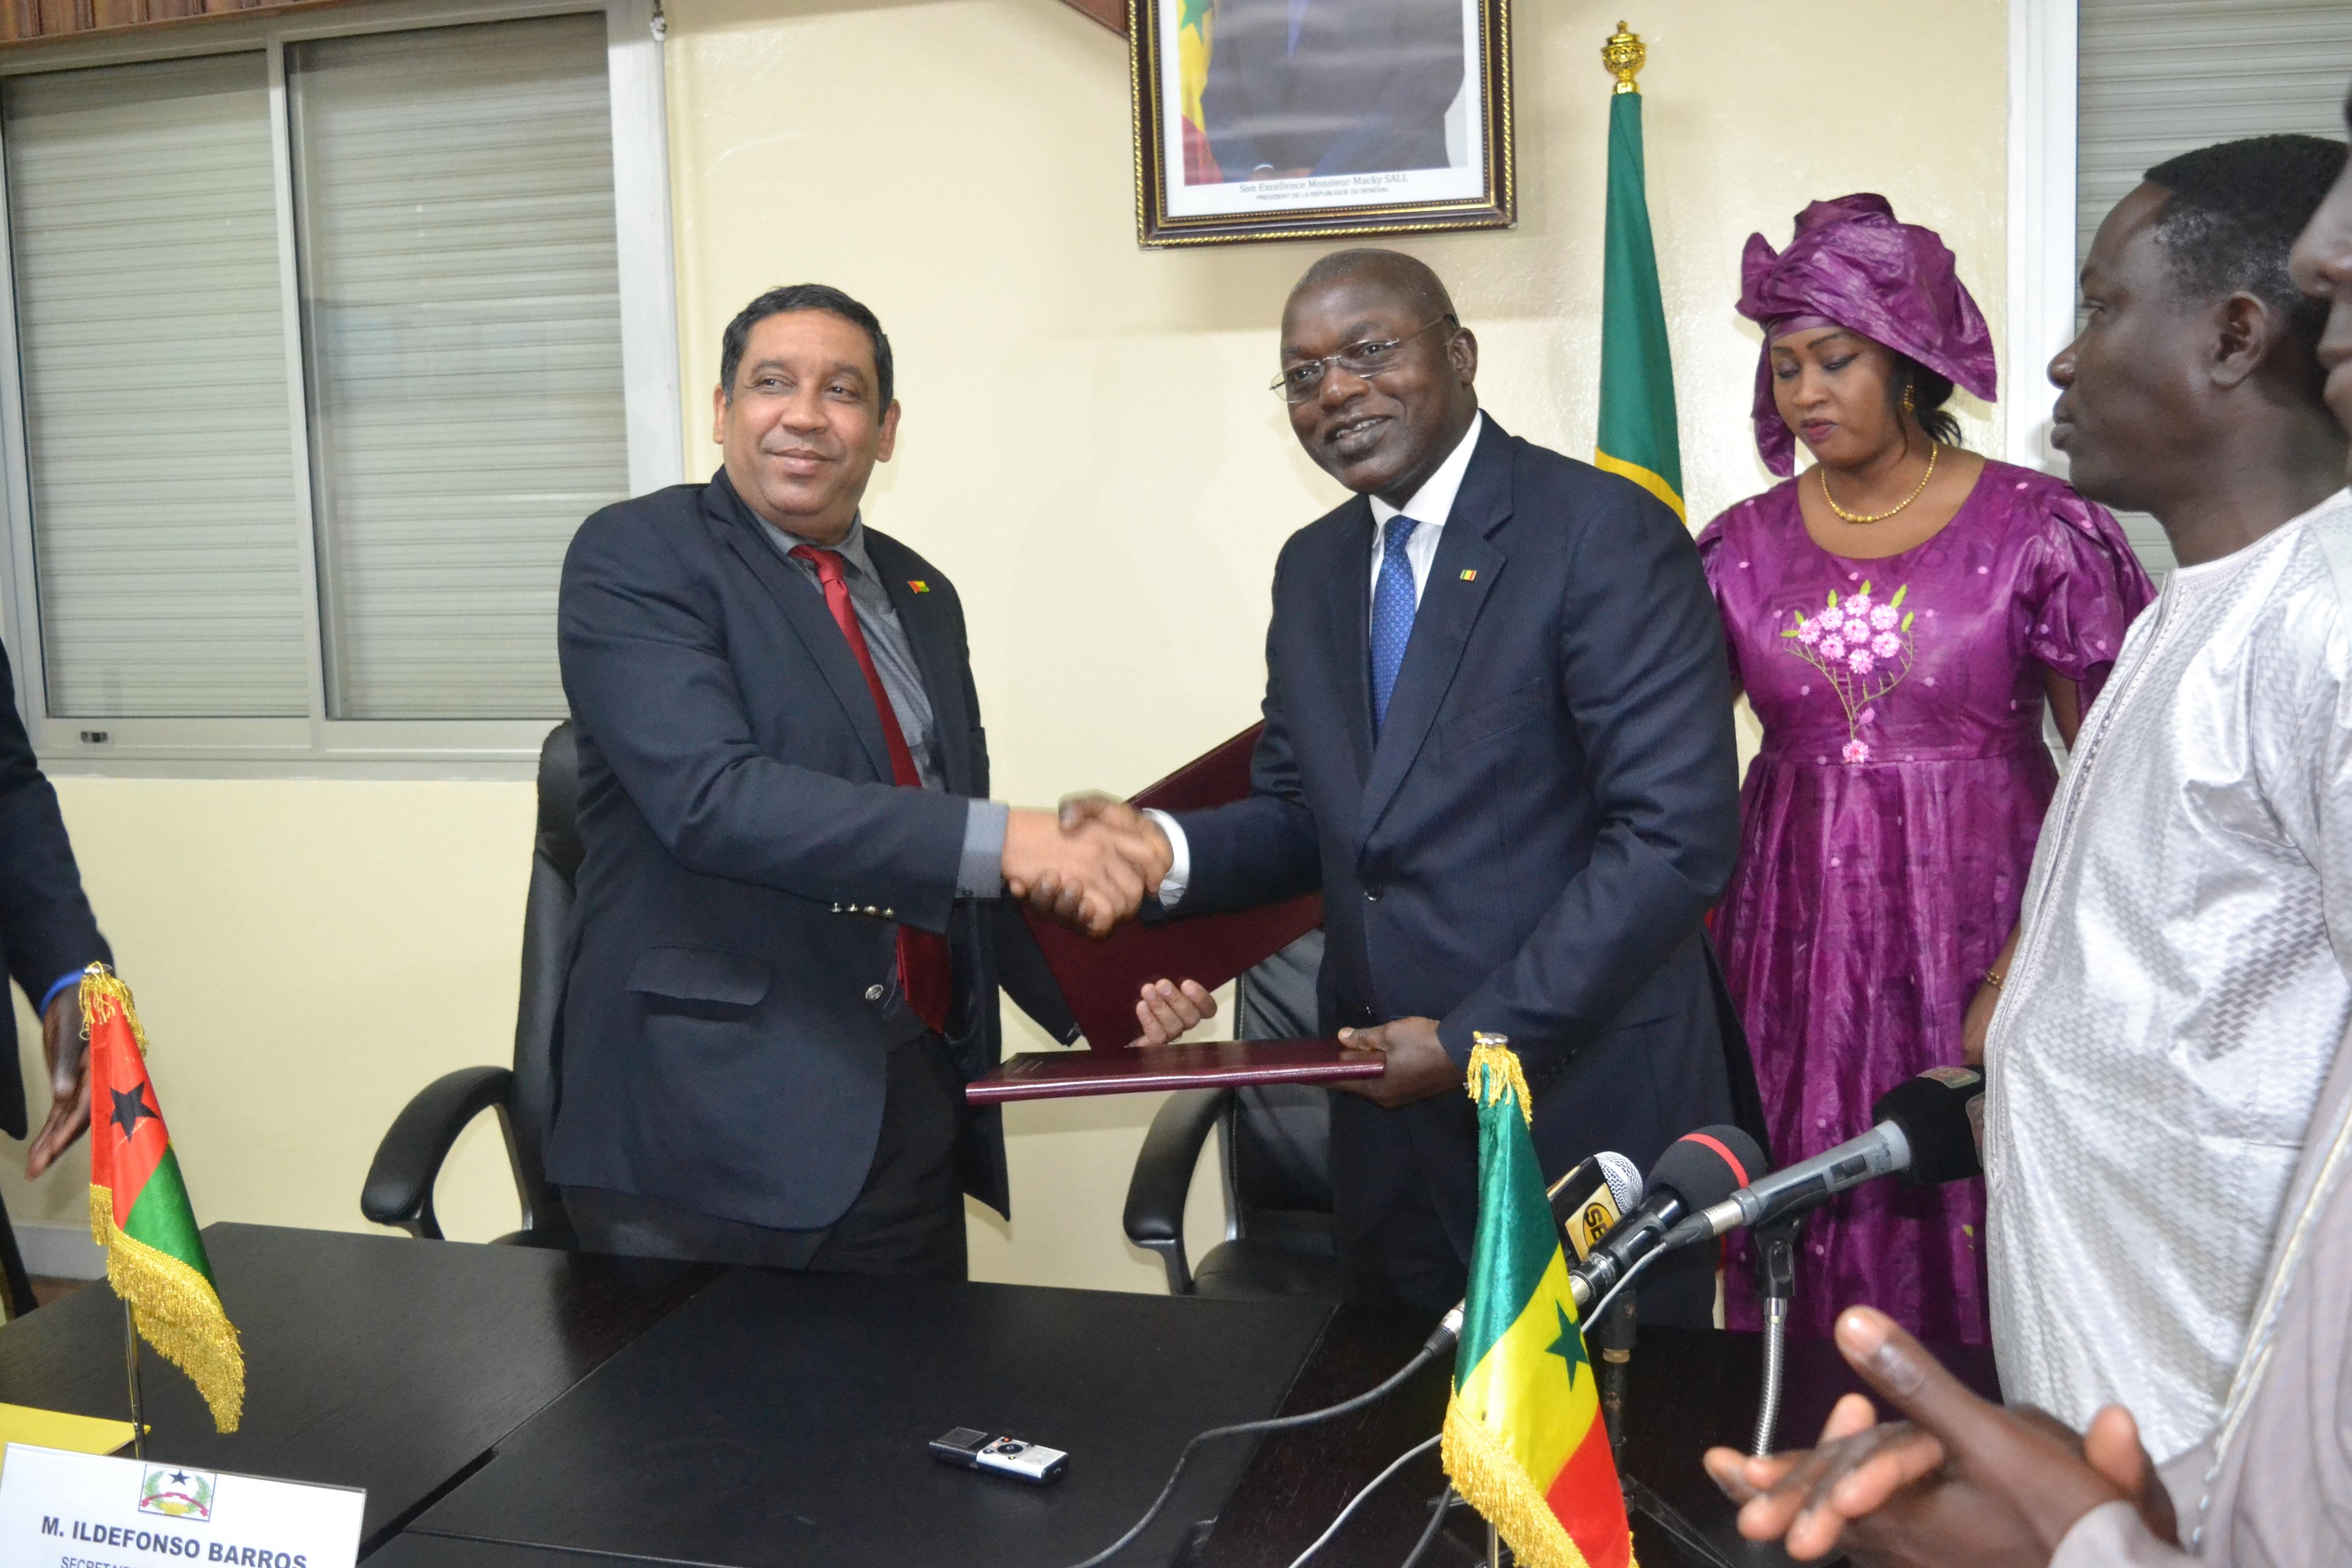 COOPÉRATION SÉNÉGAL-GUINÉE BISSAU : Un nouveau protocole signé